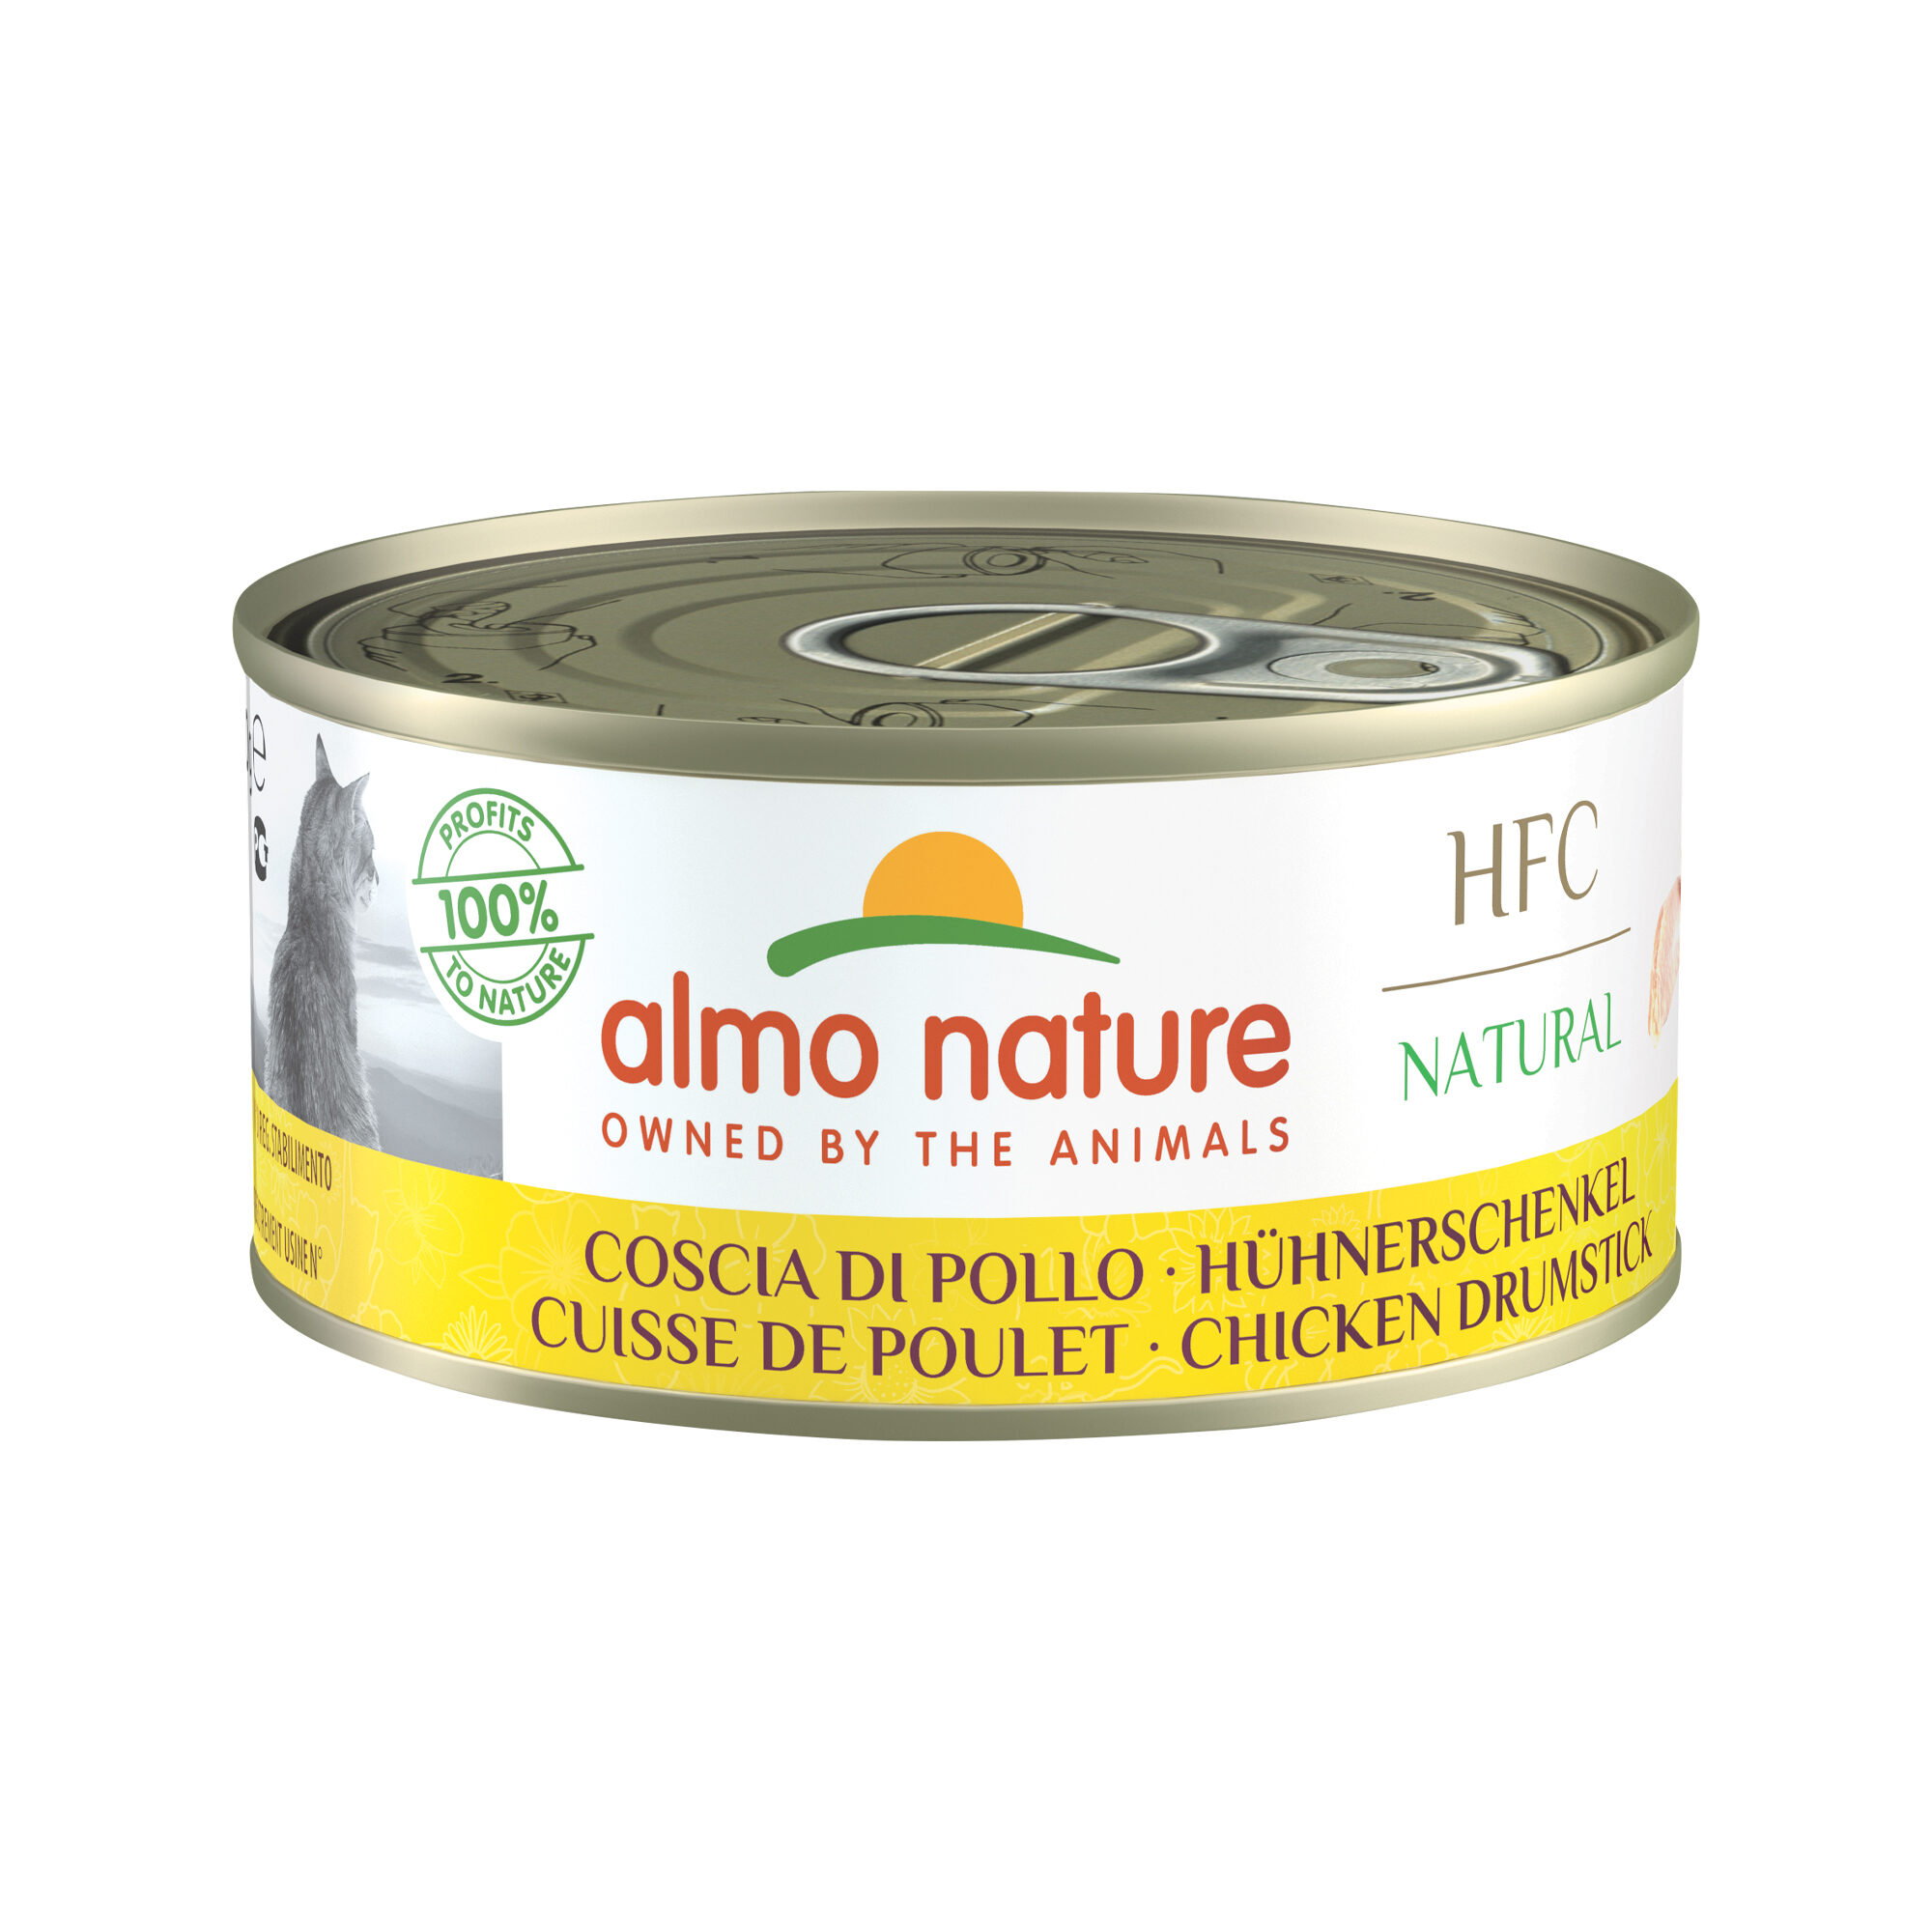 Almo Nature HFC Natural - Cuisse de poulet